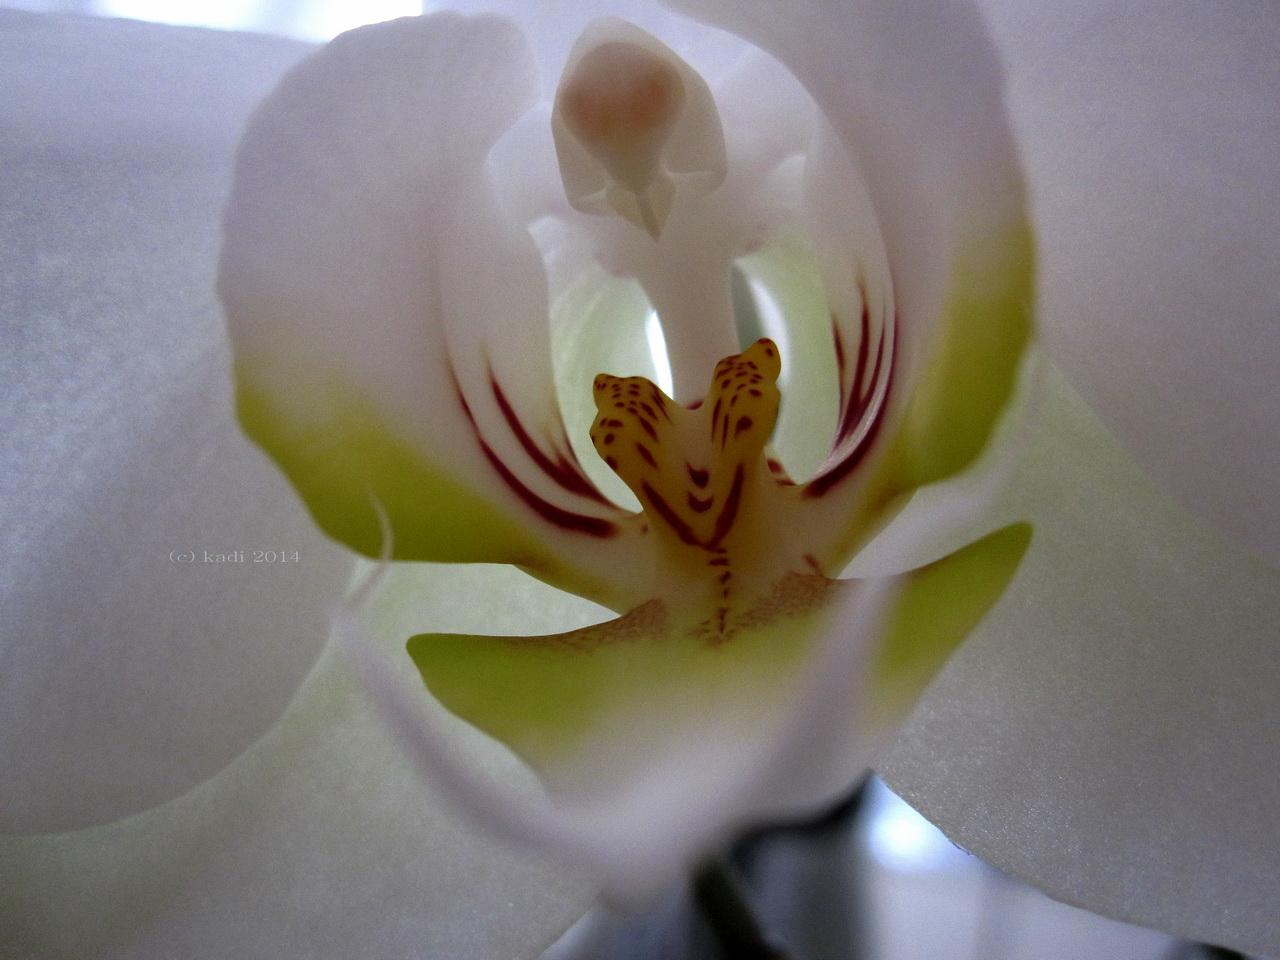 Innenleben einer Orchidee